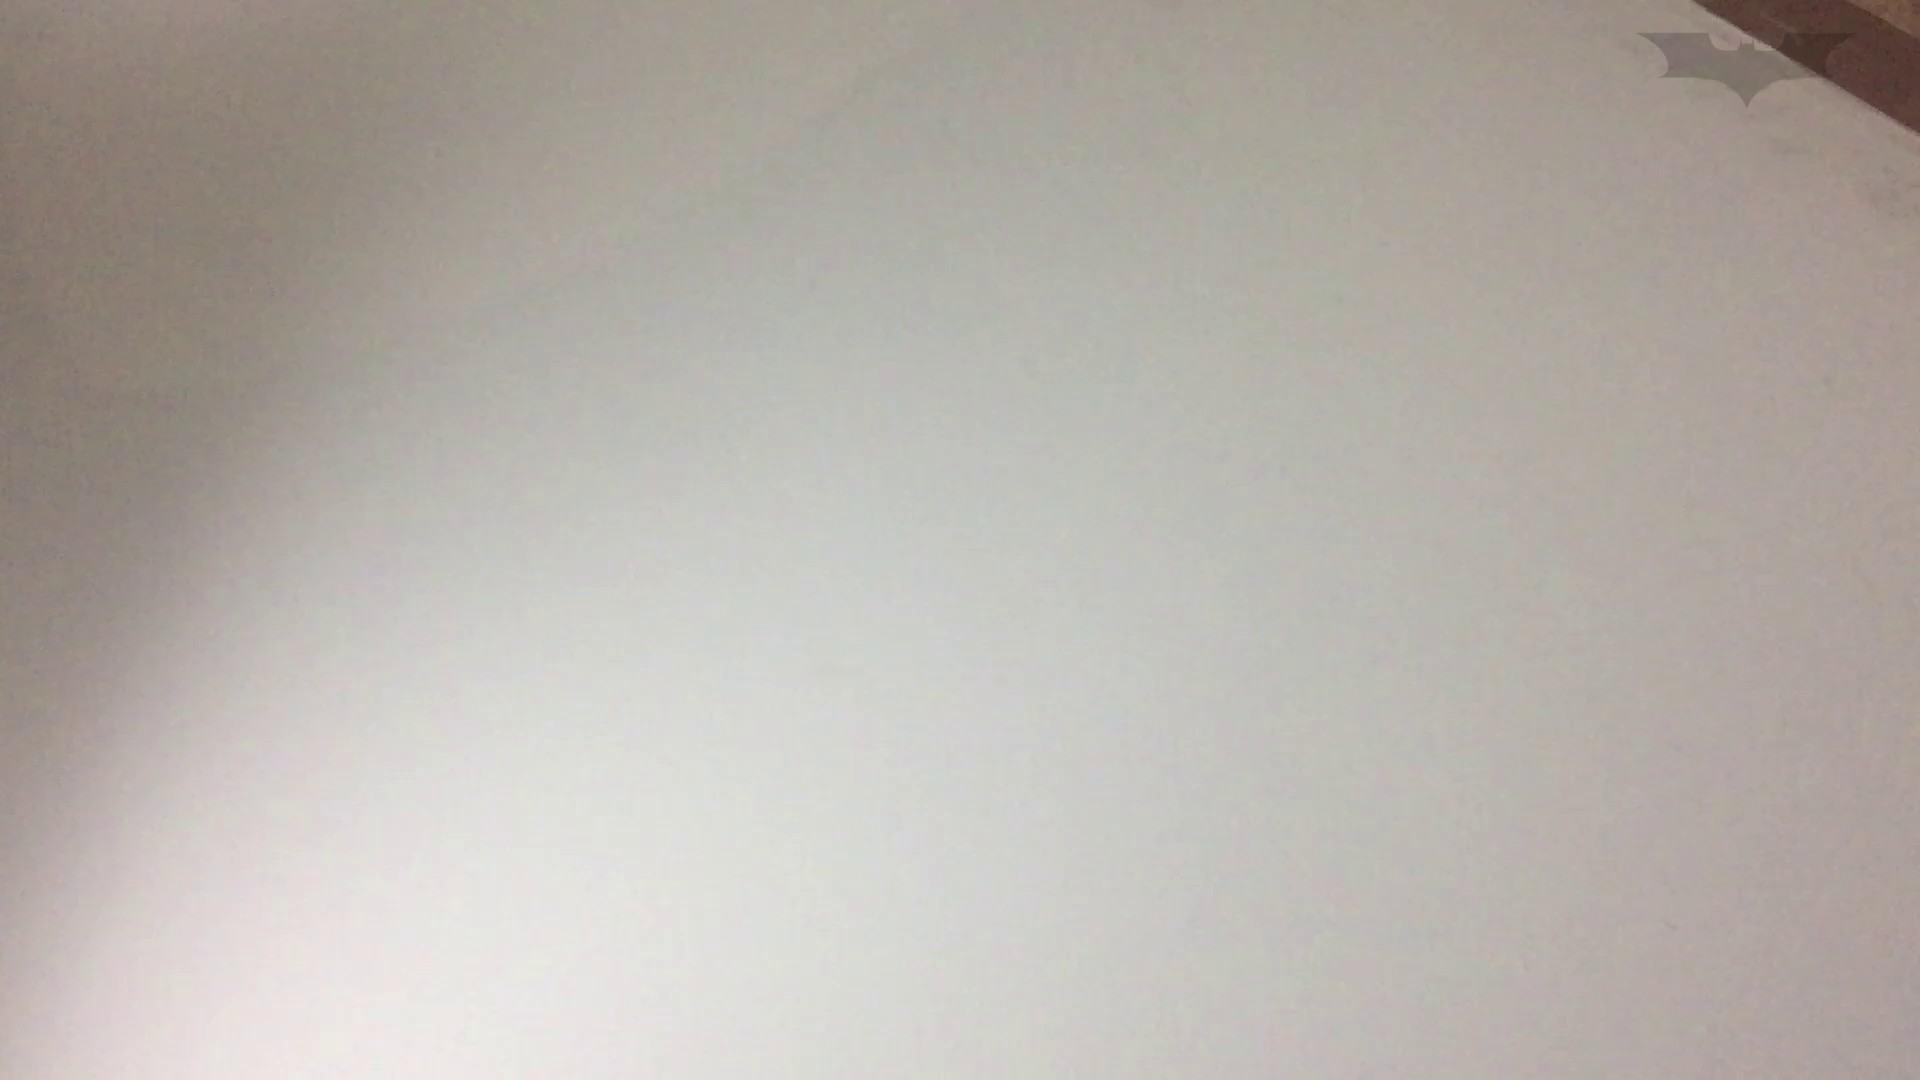 JD盗撮 美女の洗面所の秘密 Vol.70 高画質 AV動画キャプチャ 89画像 40